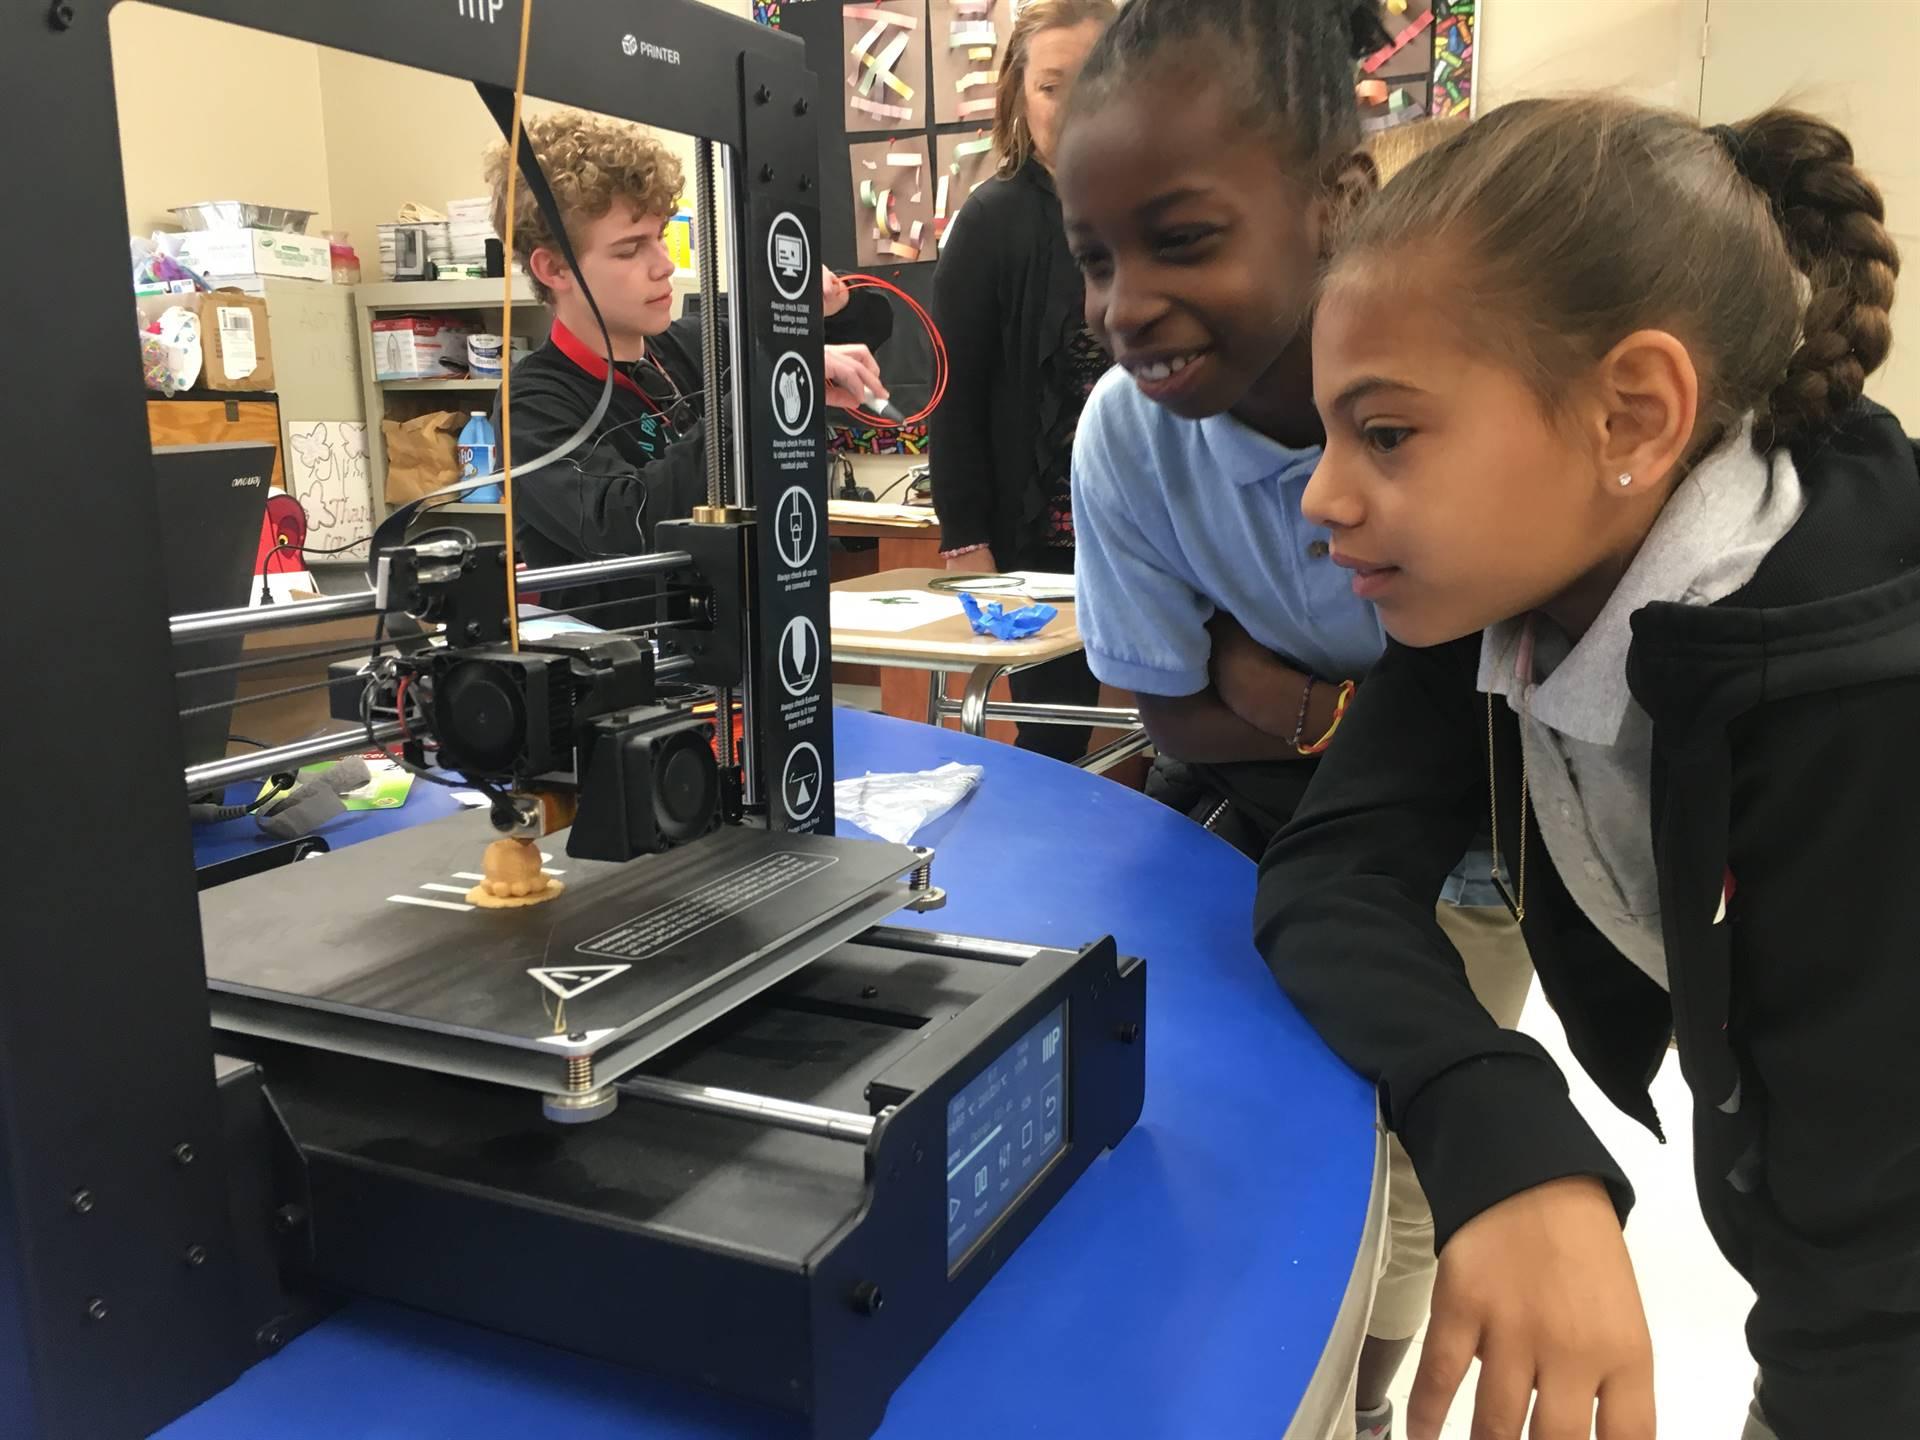 students look at 3d printer